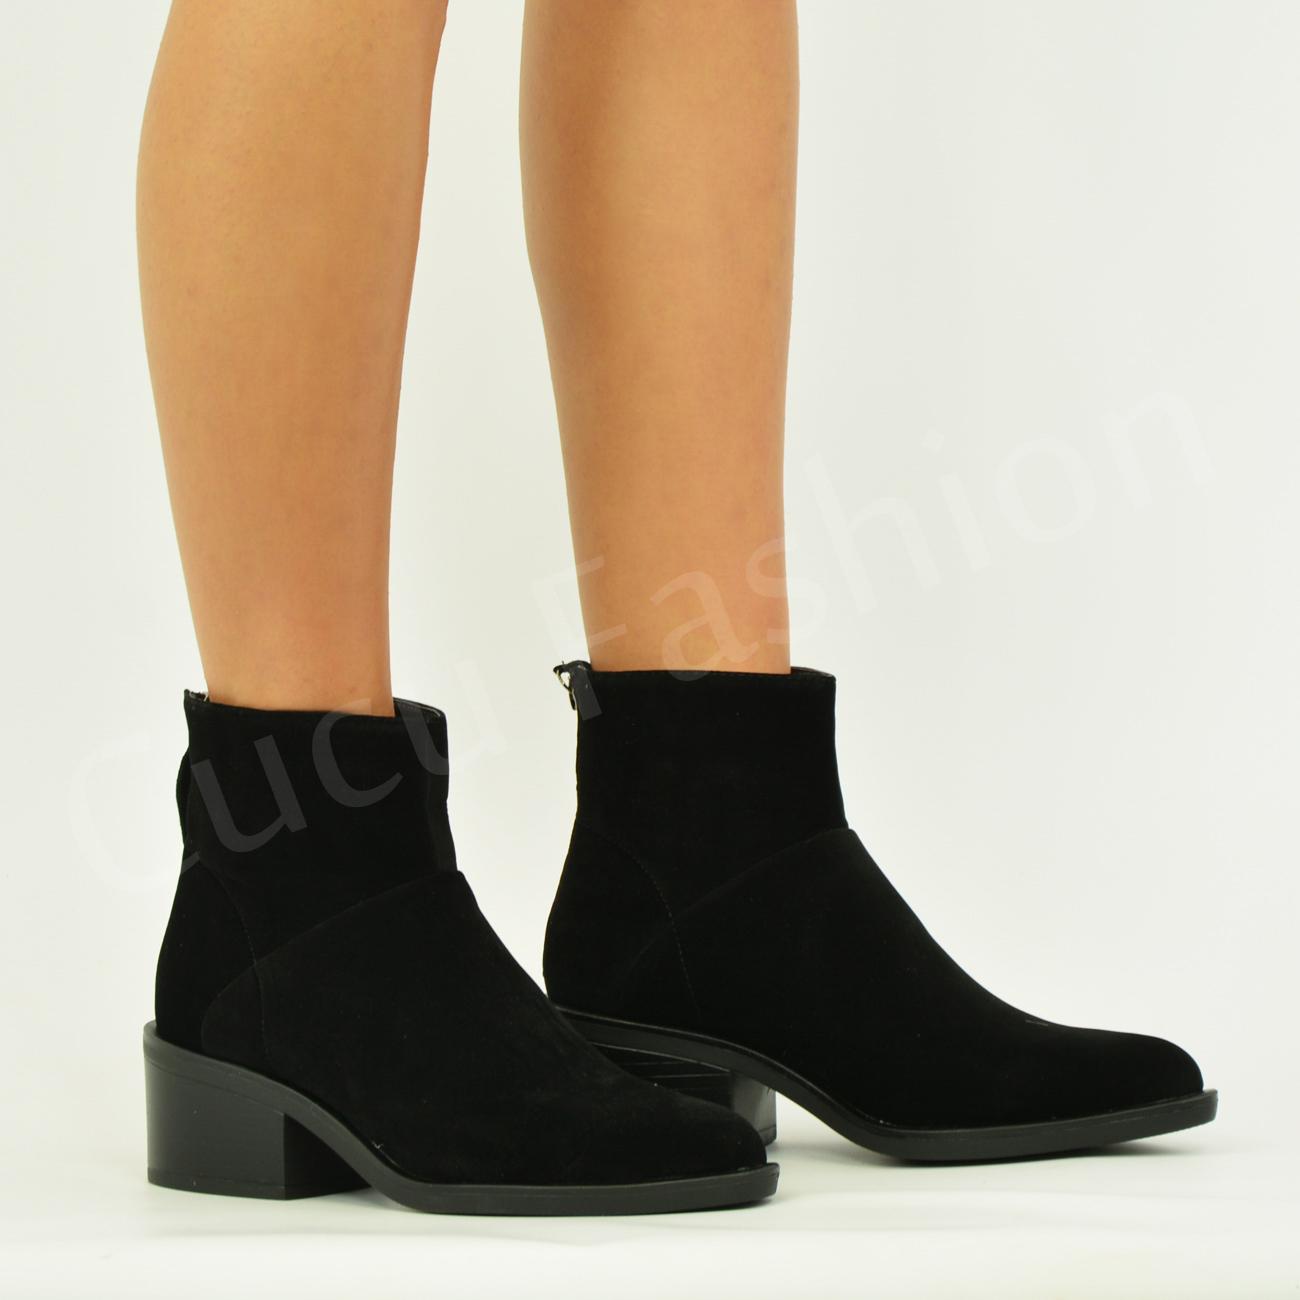 new womens ankle boots block heel back zip booties